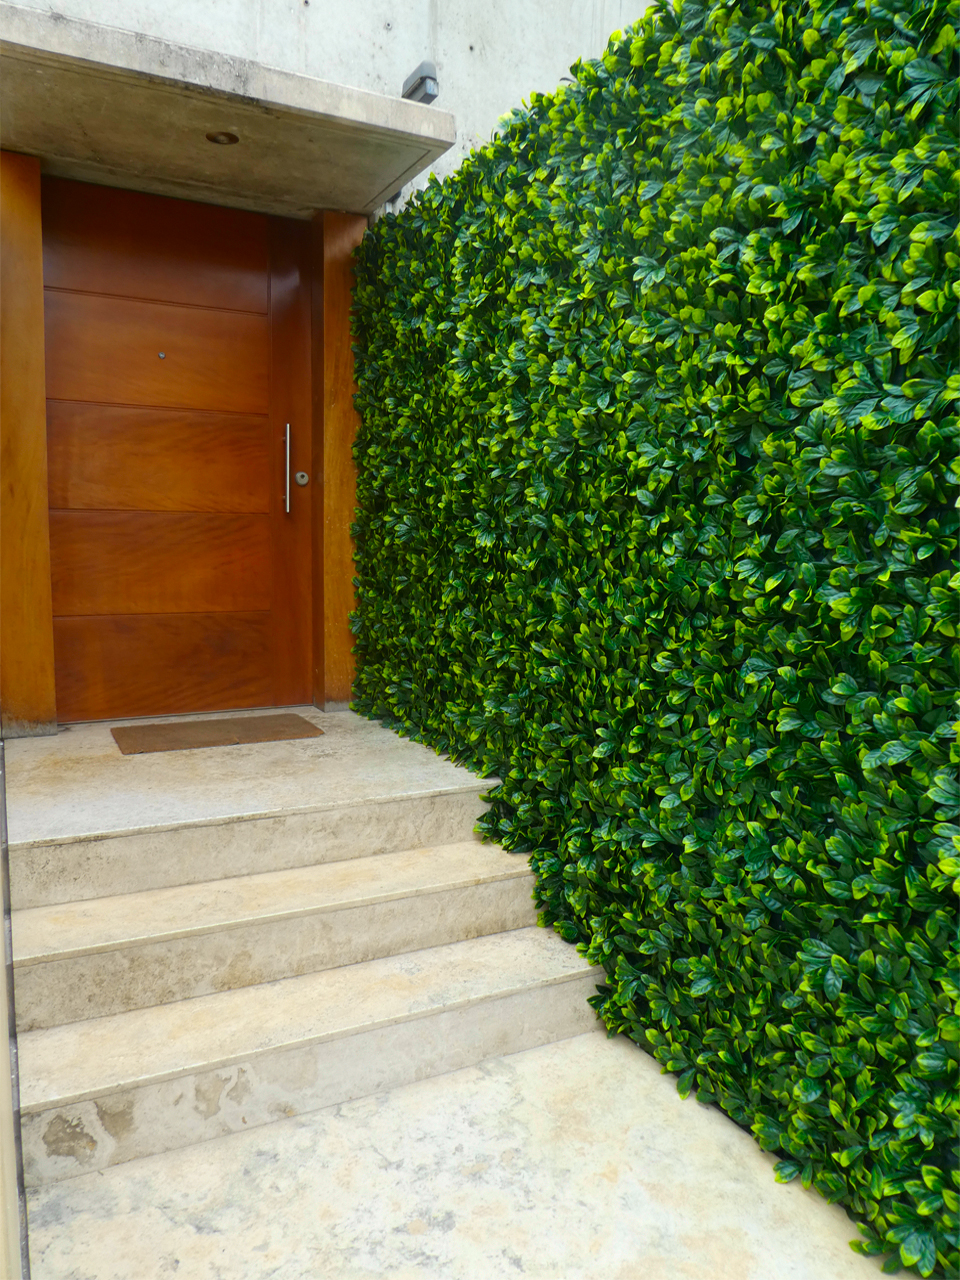 Nueva solución arquitectónica de muros verdes que dan vida a tus espacios de interior y exterior. Este novedoso producto, simula a la perfección al jardín vertical. Revestimientos espectaculares.